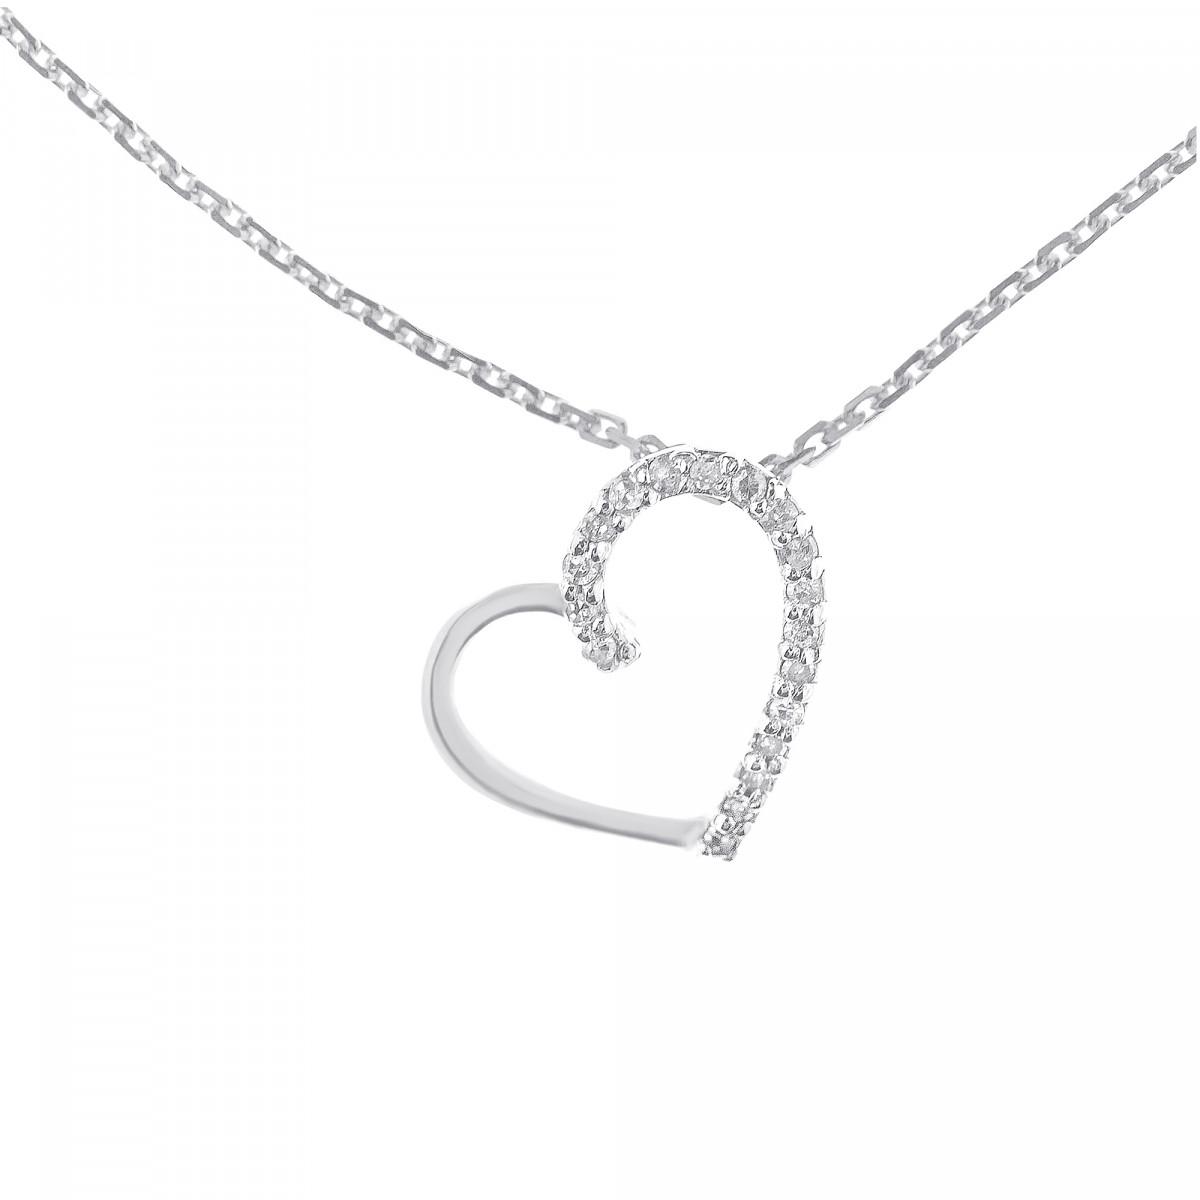 Collier Cœur Précieux Or Blanc 375 et Diamants 0.05ct